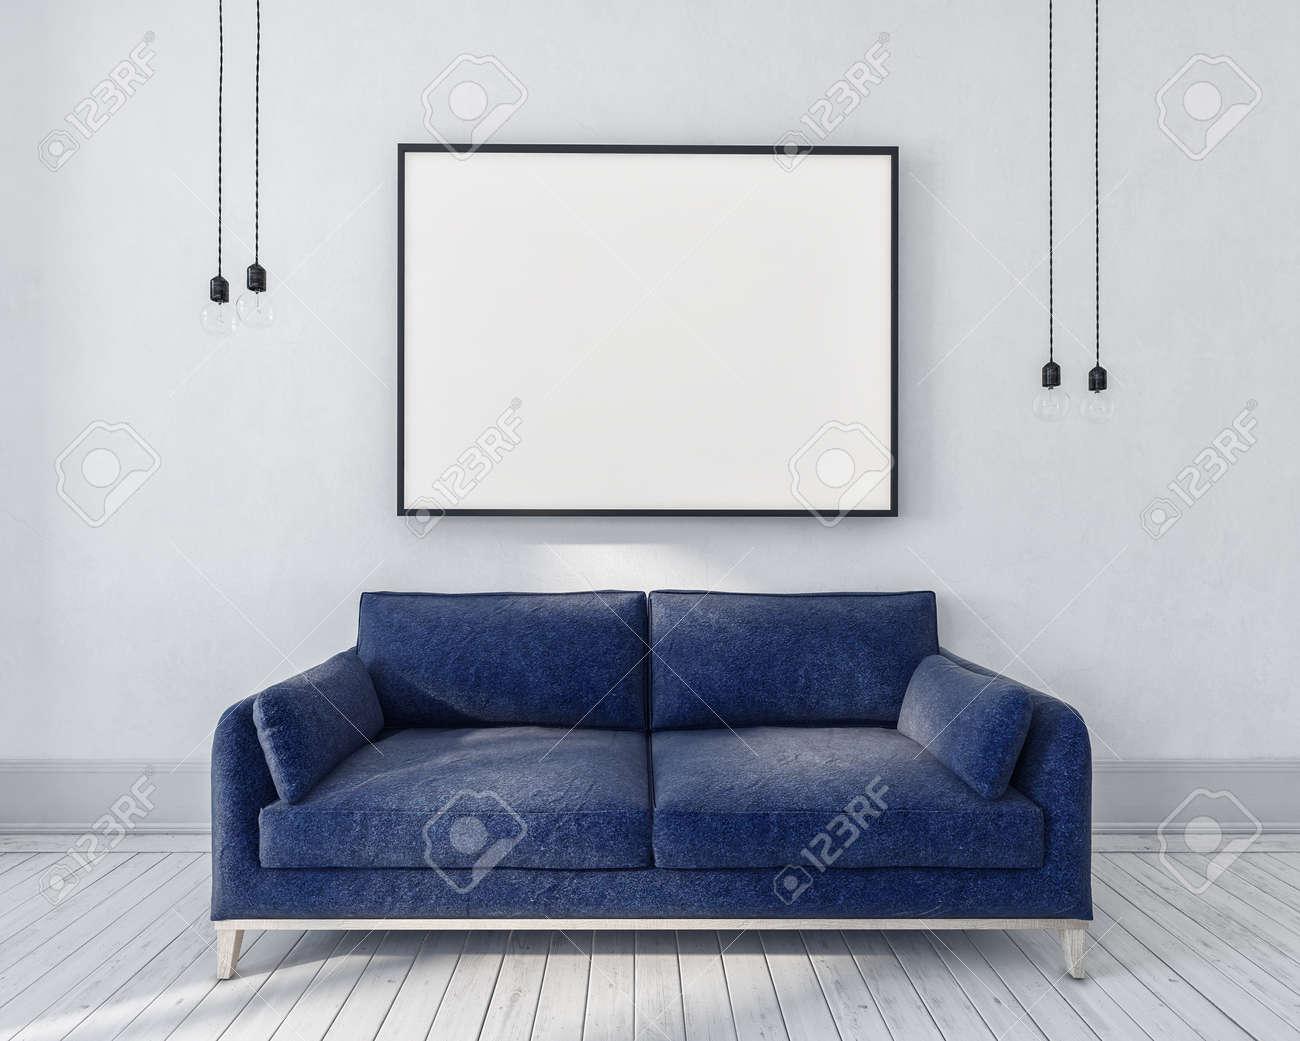 Blaue Couch In Einem Einfarbigen Grauen Raum Mit Grossem Rechteckigem